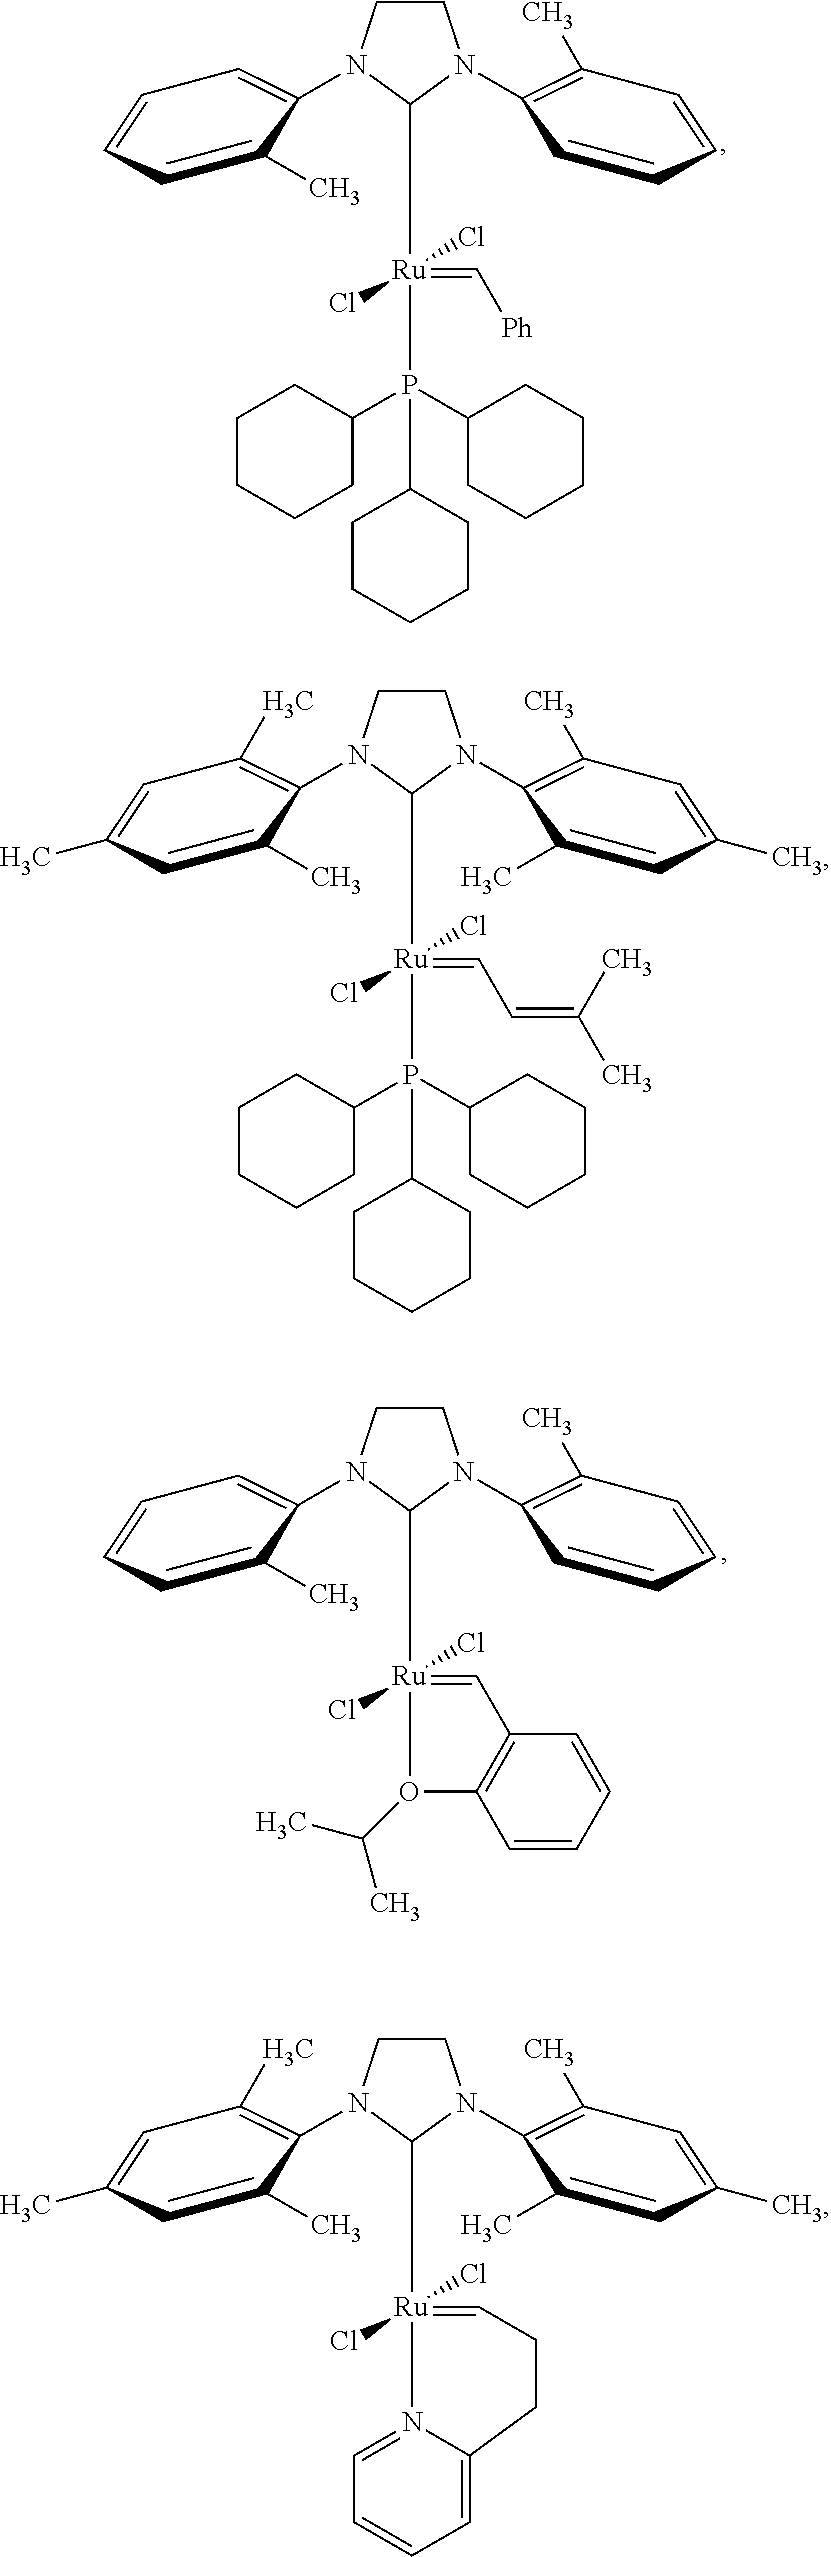 Figure US09598543-20170321-C00015